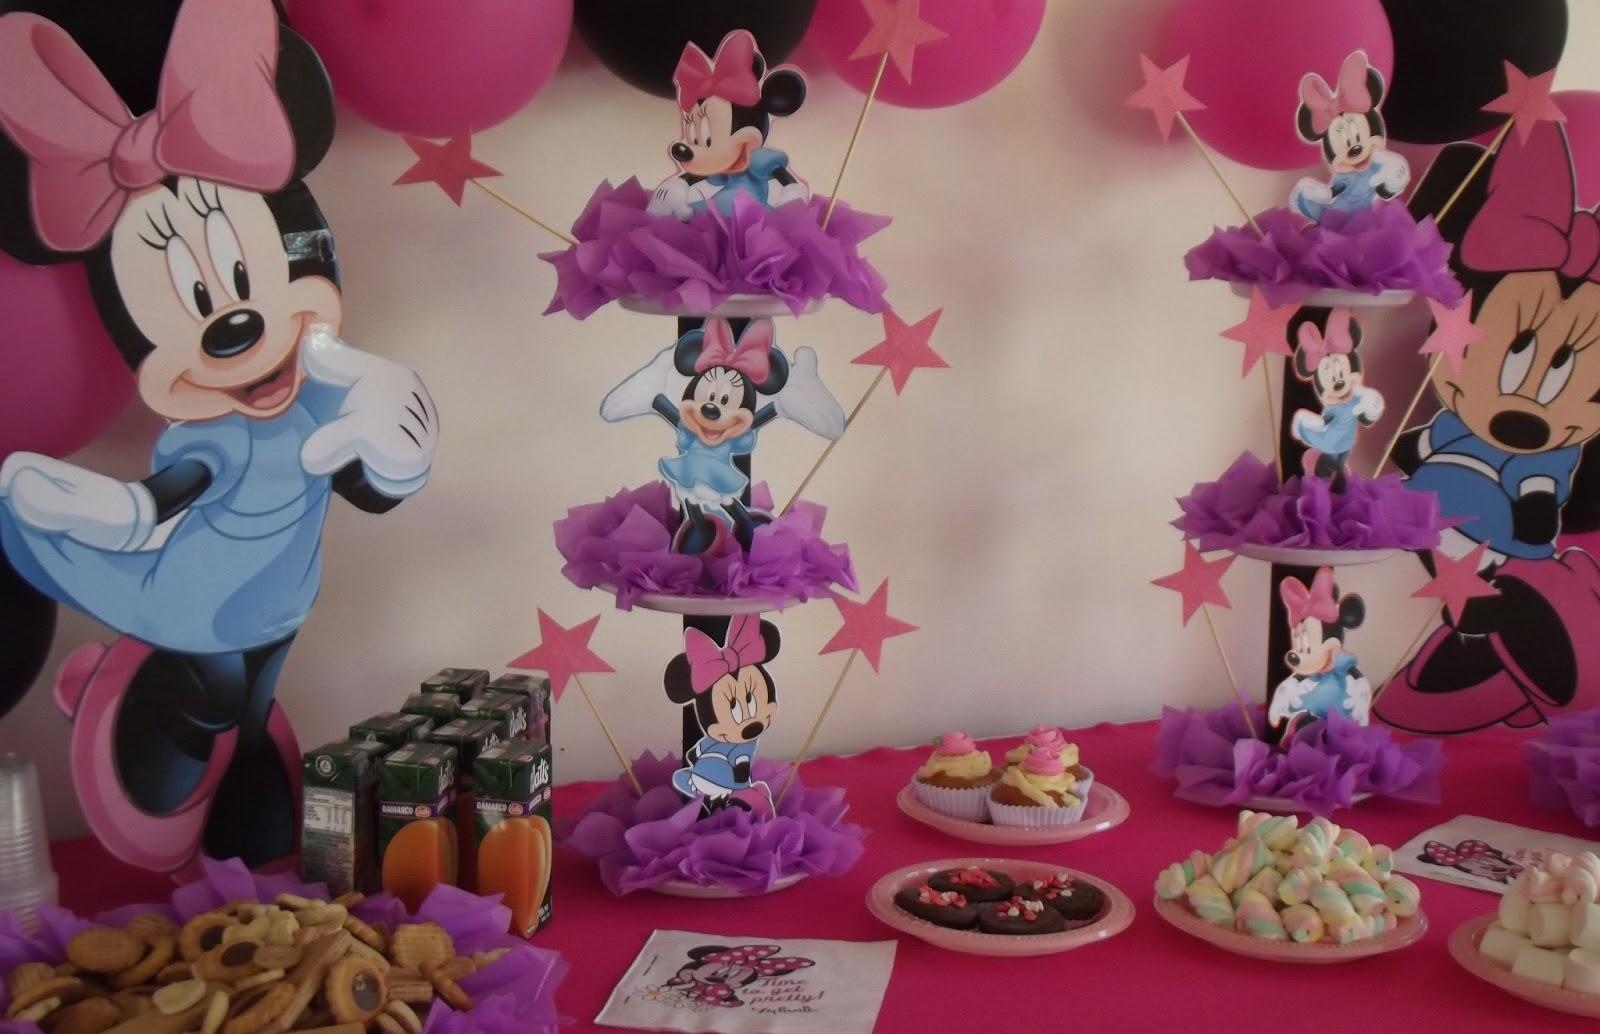 Decoraciones para fiestas infantiles vicky muraro for Decoraciones infantiles